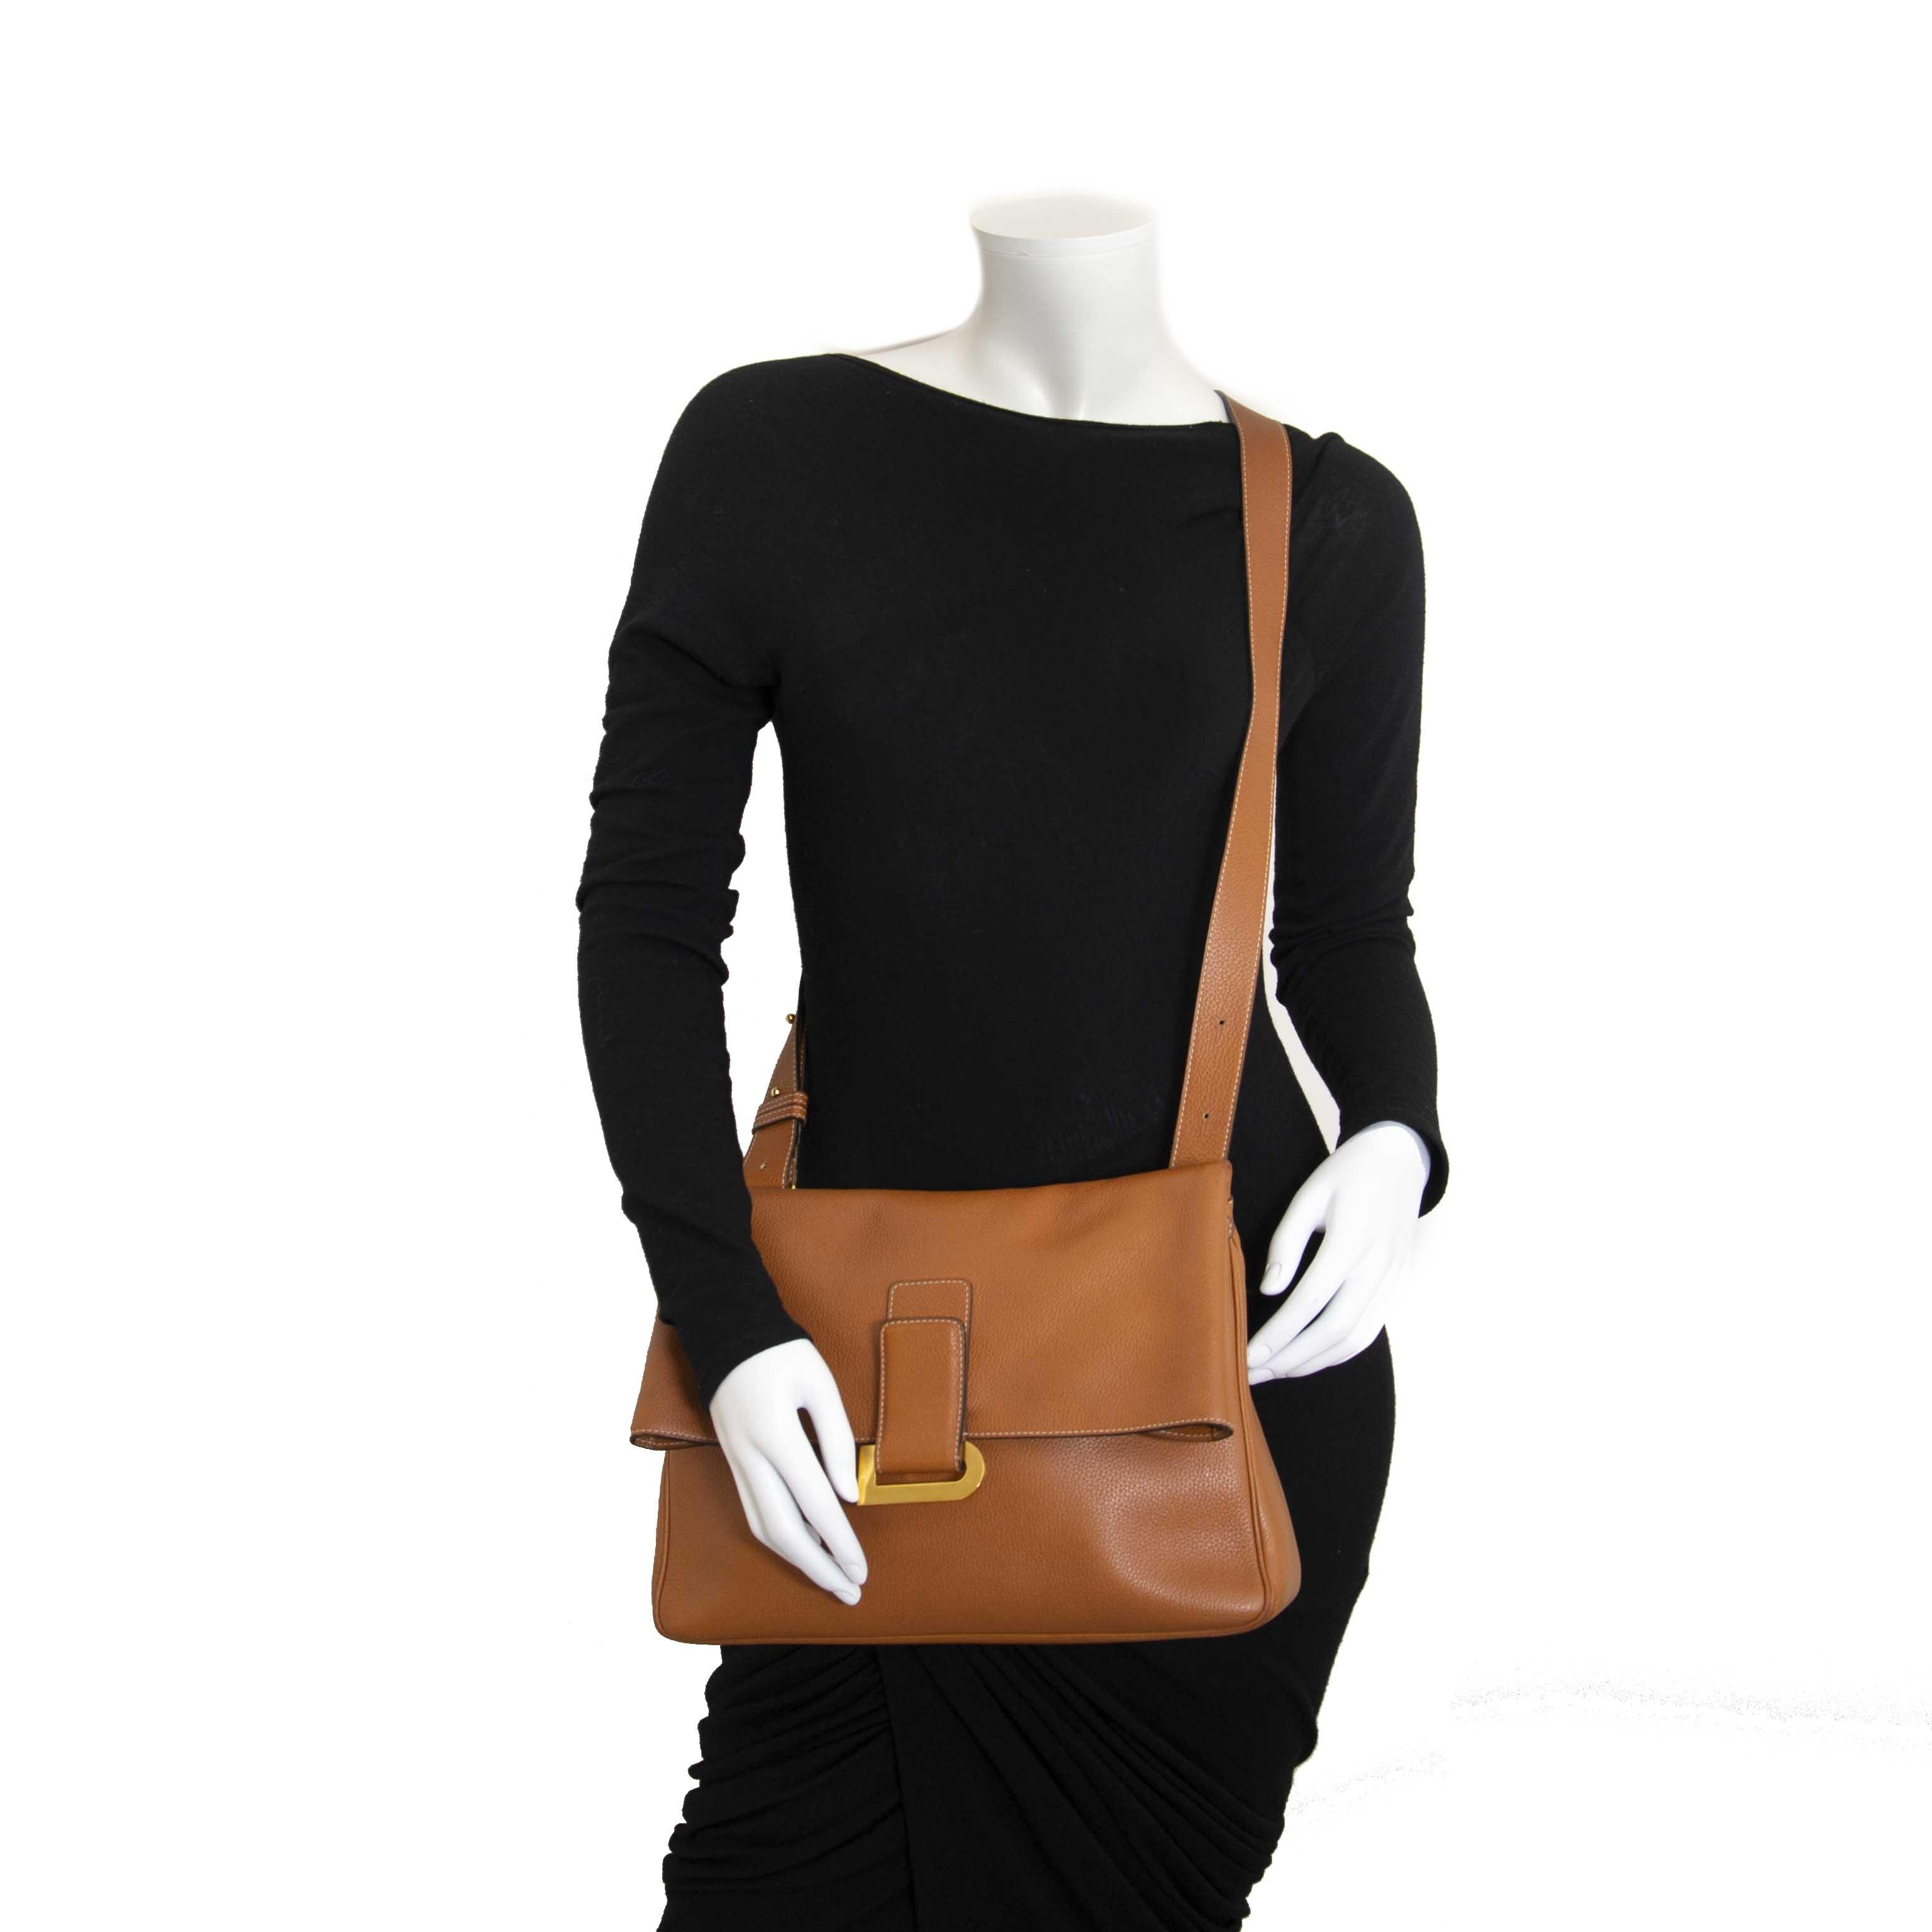 acheter en ligne seconde main Delvaux Cognac Leather Givry Shoulder Bag